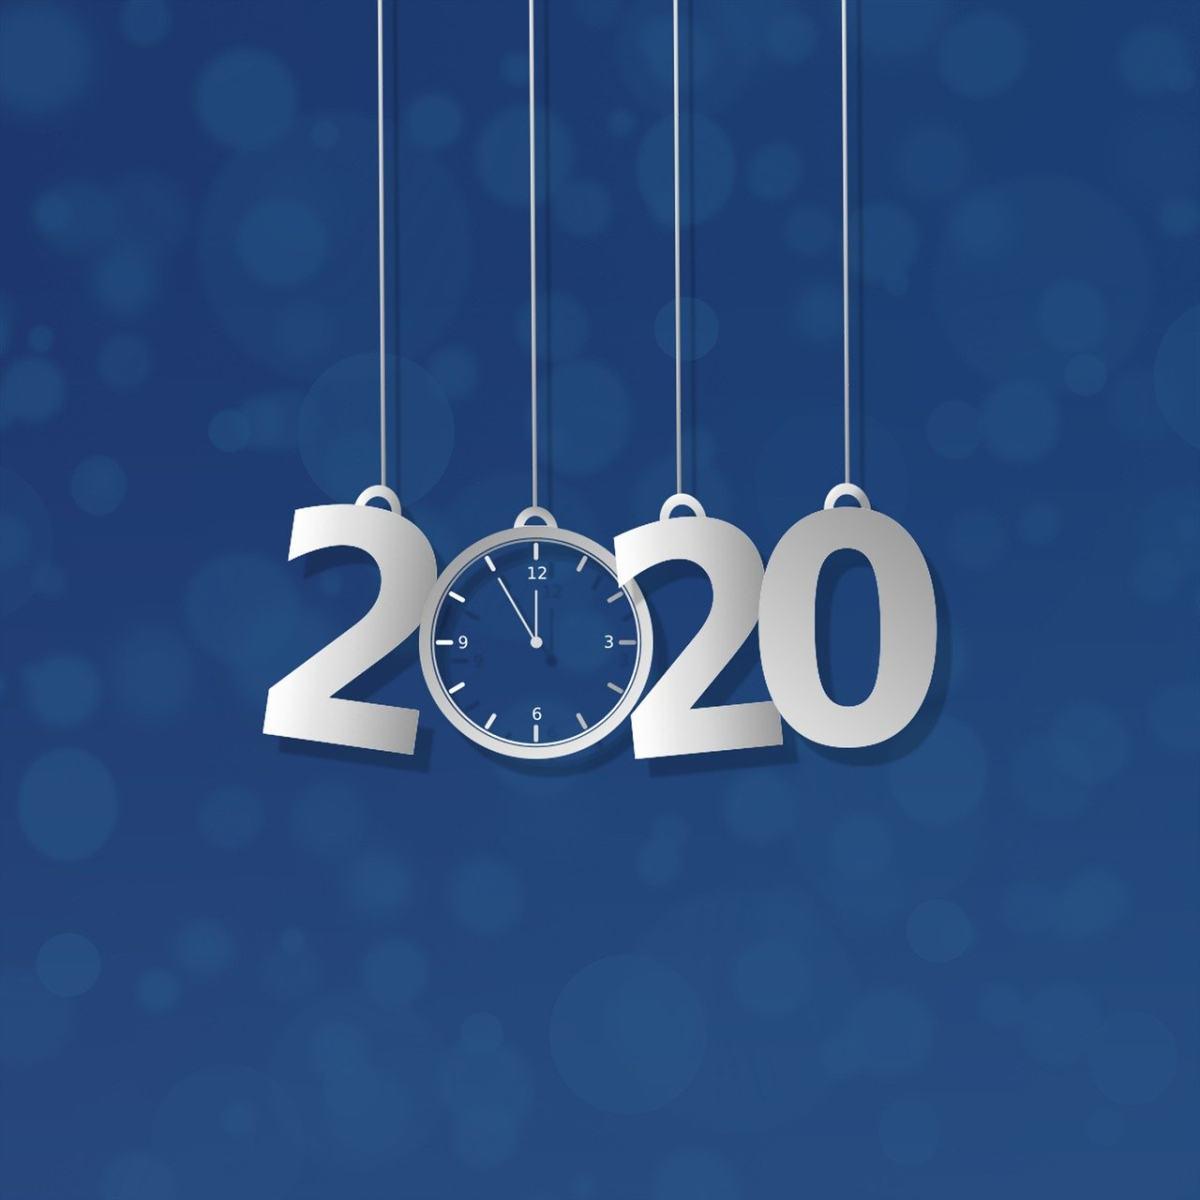 新年2020创意时间文字